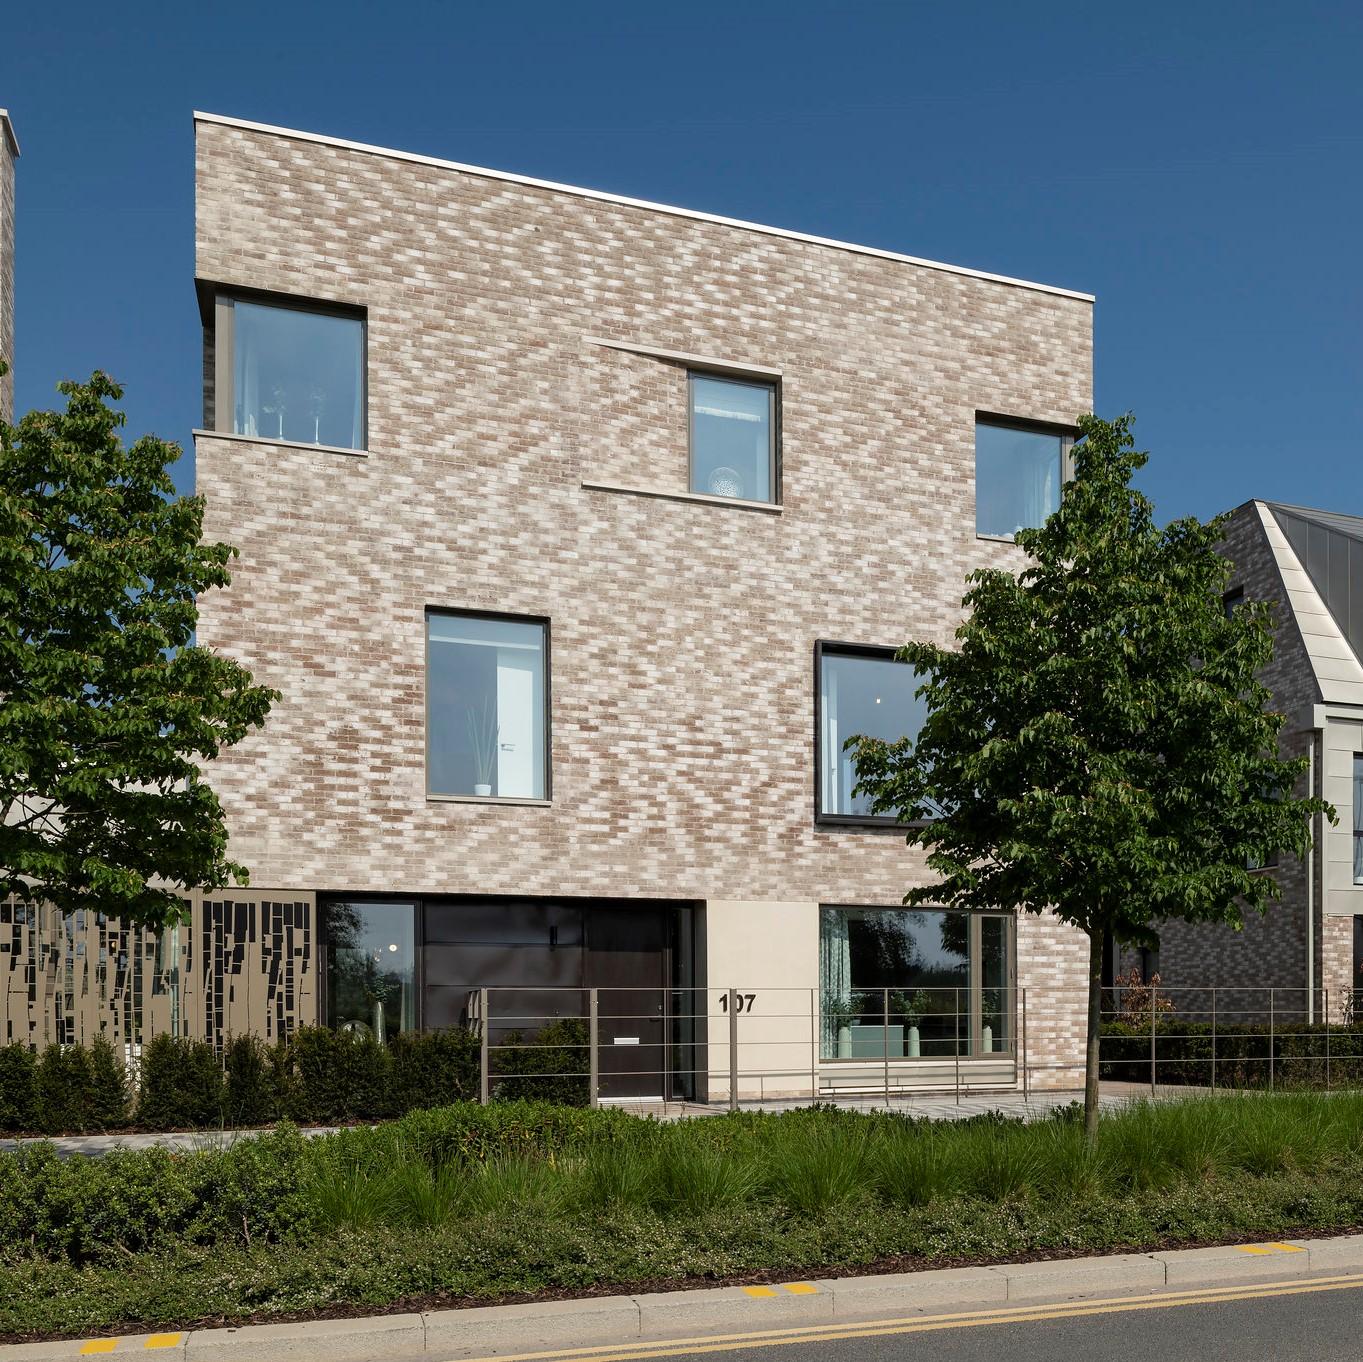 Thumbnail image for Eddington Hill Show Home: CB4